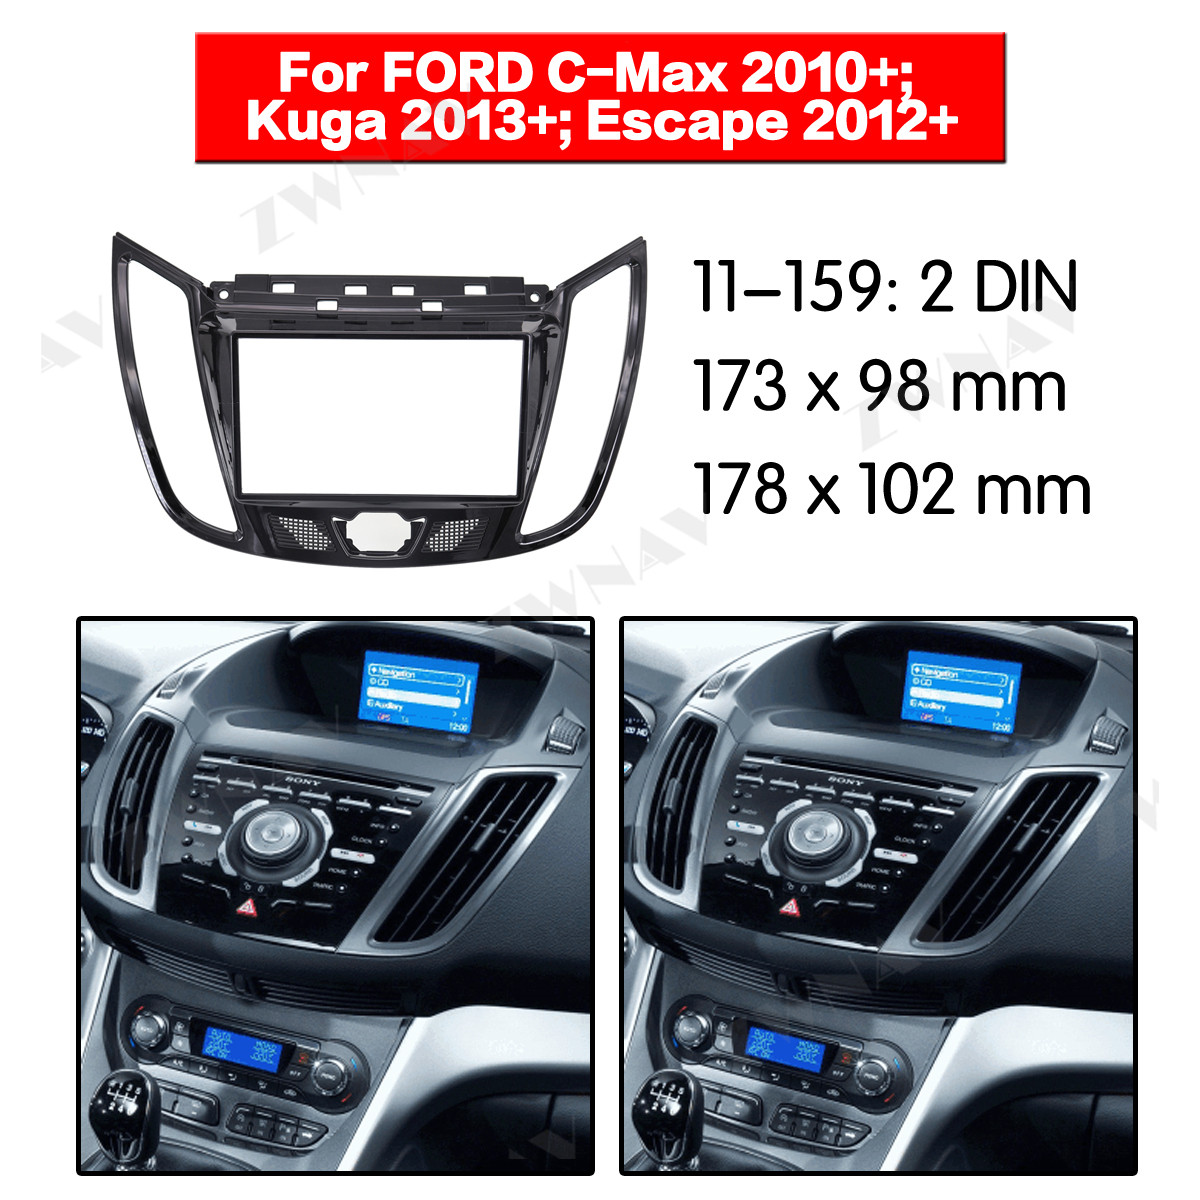 Radio para salpicadero para FORD C MAX 2010 +/Kuga 2013 (UV negro), soporte 2DIN, reproductor de dvd, Fascia, Radio Estéreo, Instalación en tablero